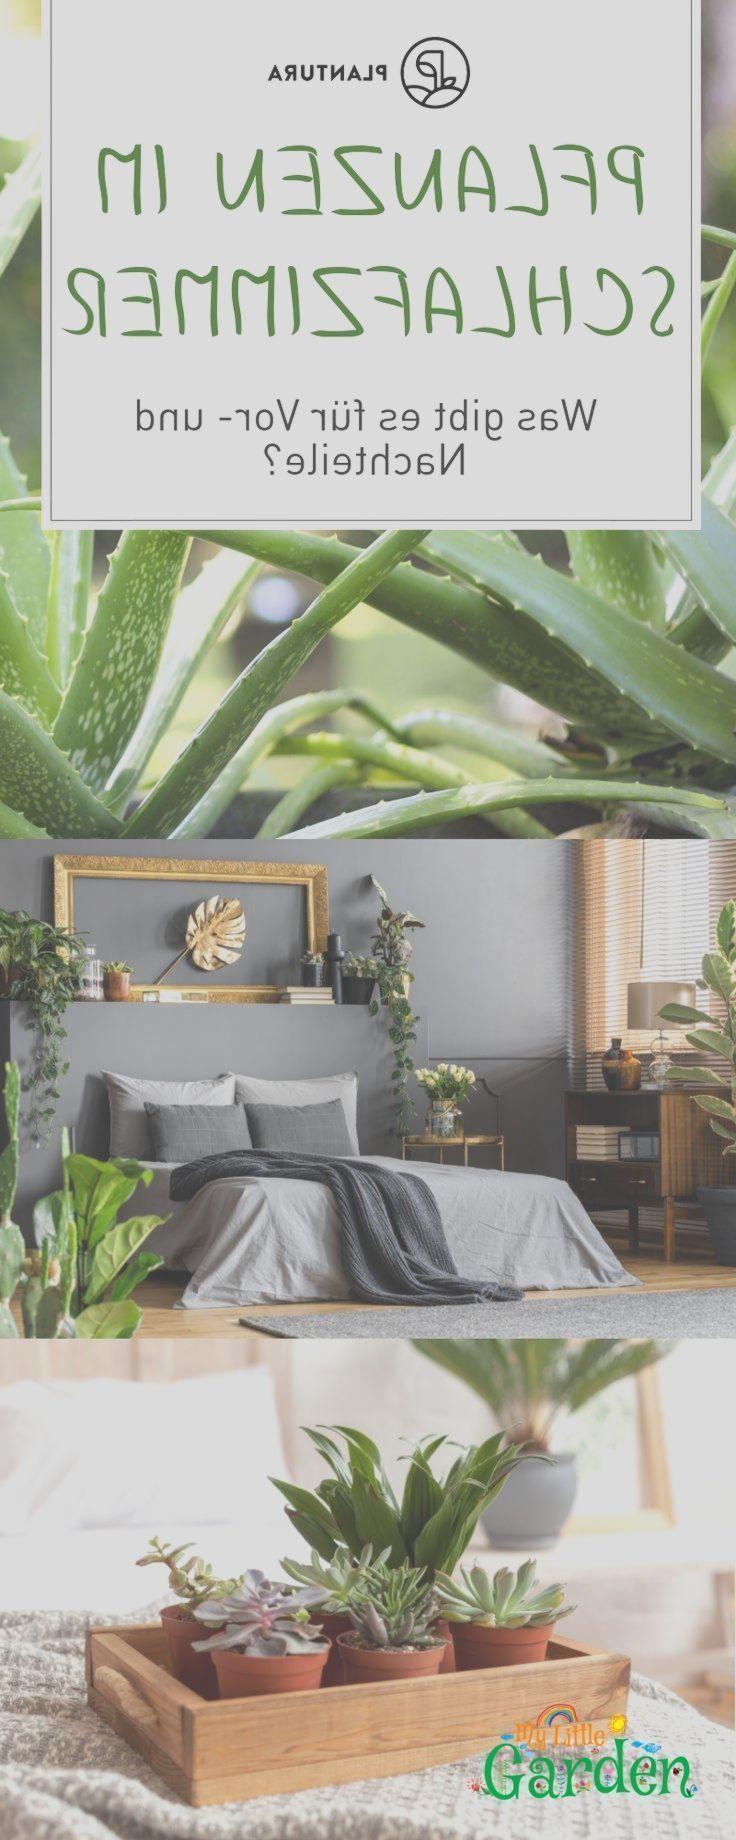 Pflanzen im Schlafzimmer: Vorteile, Nachteile und geeignete Arten - #Arten #geeignete #Nachteile #Pflanzen #Schlafzimmer #und #Vorteile #pflanzenimschlafzimmer Pflanzen im Schlafzimmer: Vorteile, Nachteile und geeignete Arten - #Arten #geeignete #Nachteile #Pflanzen #Schlafzimmer #und #Vorteile #pflanzen schlafenzimmer, #pflanzenimschlafzimmer Pflanzen im Schlafzimmer: Vorteile, Nachteile und geeignete Arten - #Arten #geeignete #Nachteile #Pflanzen #Schlafzimmer #und #Vorteile #pflanzenimschlafz #pflanzenimschlafzimmer